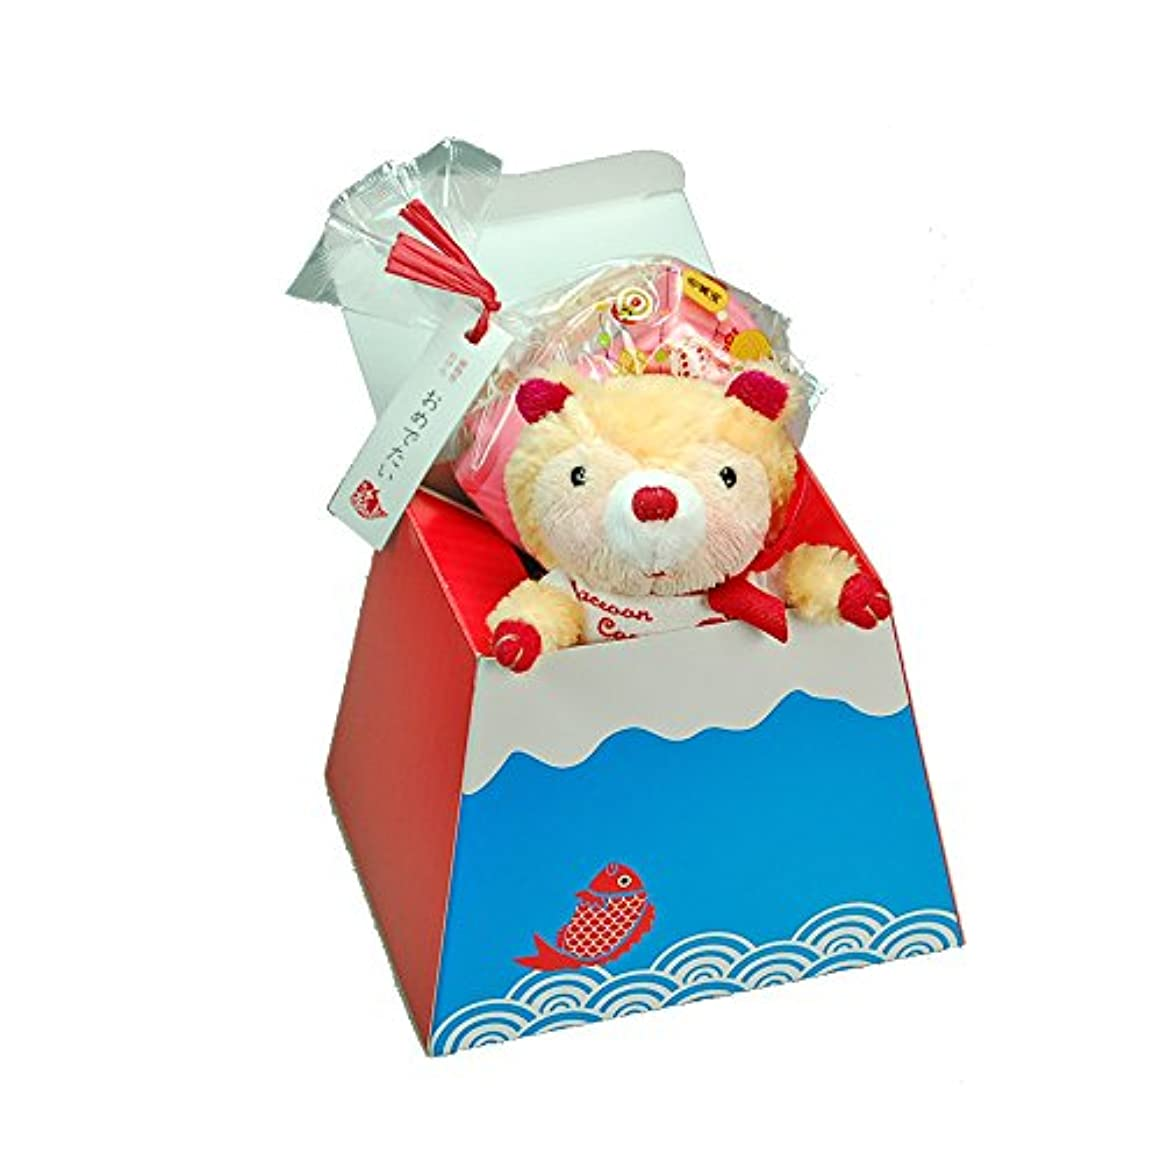 課税自治裏切るプチギフト リトルマスコット 鯛 石けん 富士山ラッピング付き 誕生日プレゼント お祝い 入学 卒業  (リトルセット)